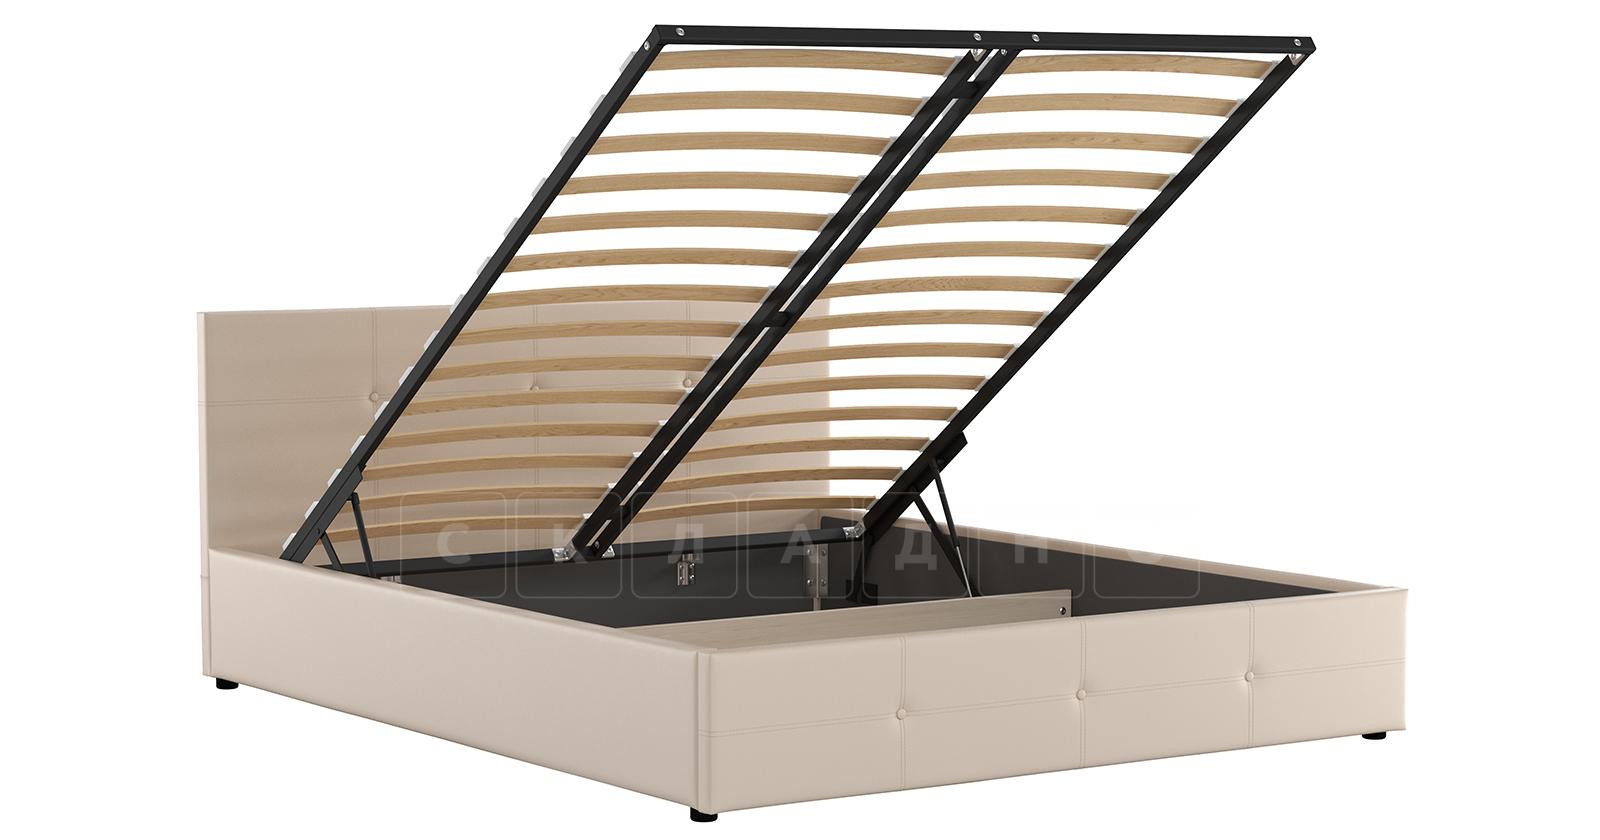 Мягкая кровать Синди 160 см бежевый с подъемным механизмом фото 2 | интернет-магазин Складно